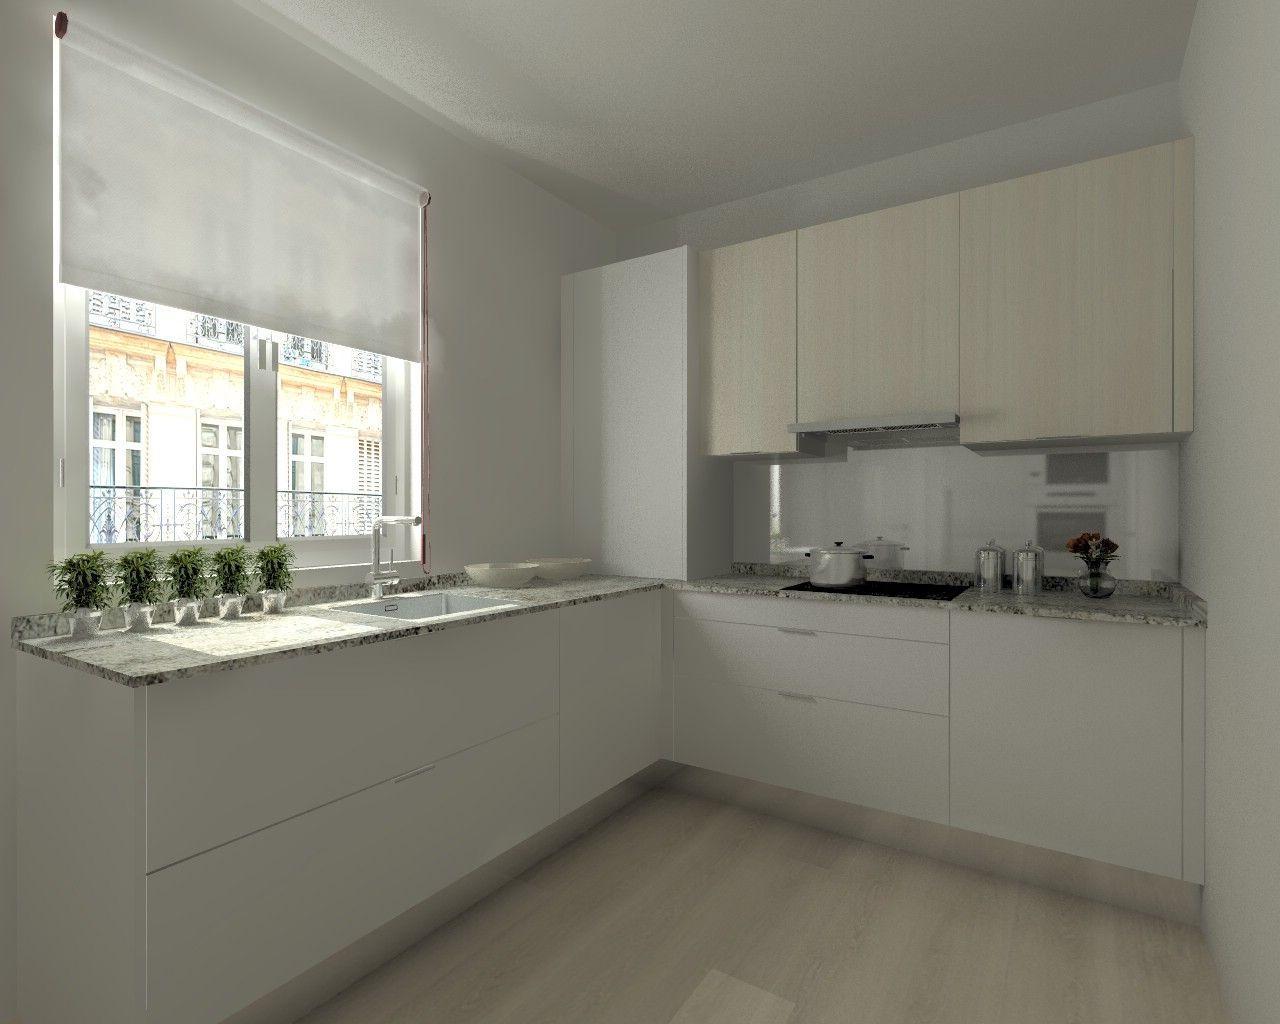 Nuestro ltimo proyecto de cocinas santos modelo ariane for Ultimos modelos de cocinas